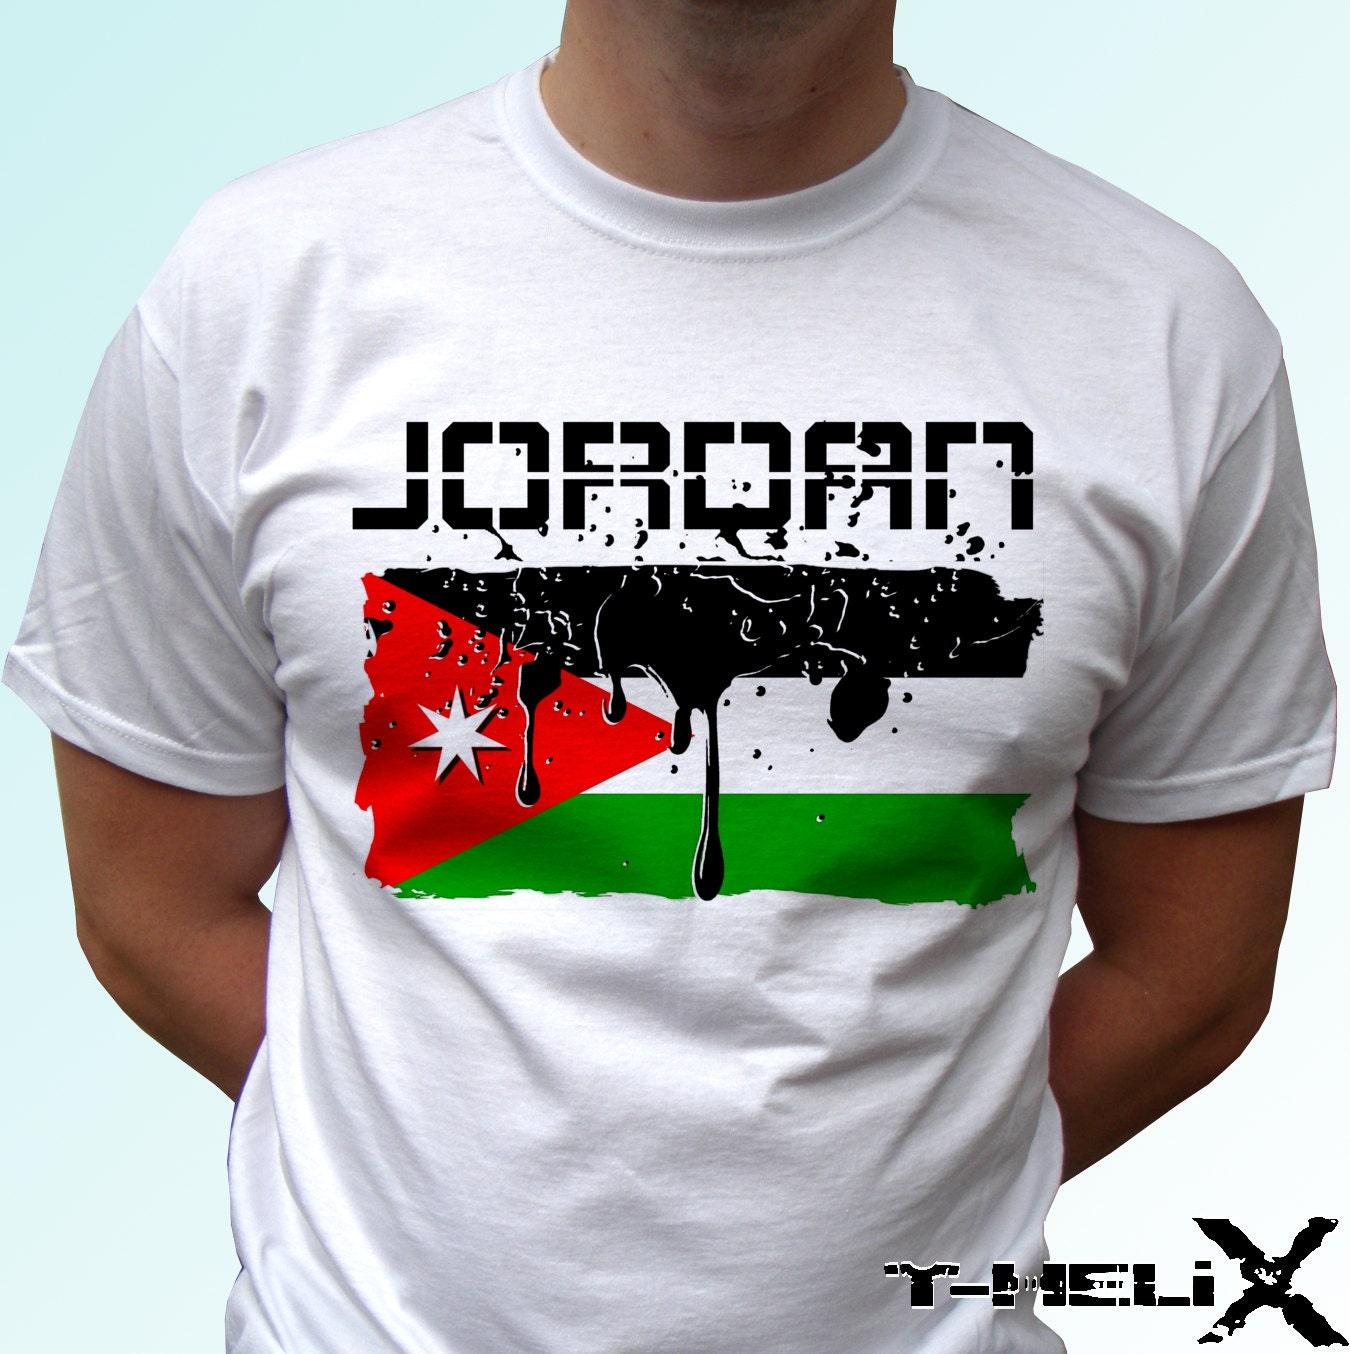 T shirt design jordan -  Zoom